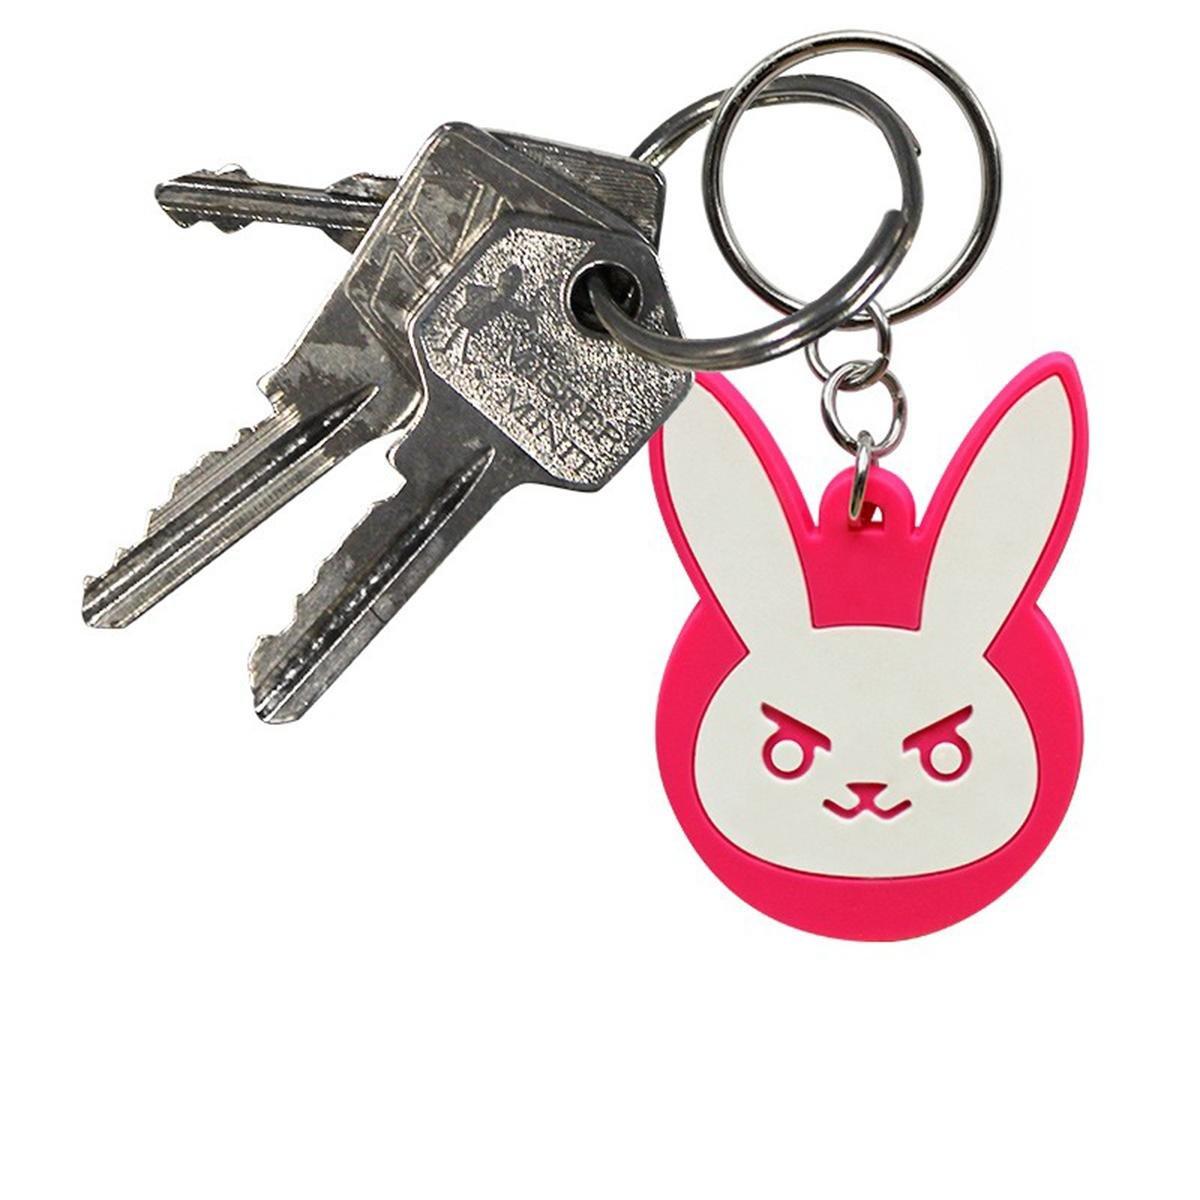 Llavero Overwatch - D.VA Bunny Logo: Amazon.es: Hogar